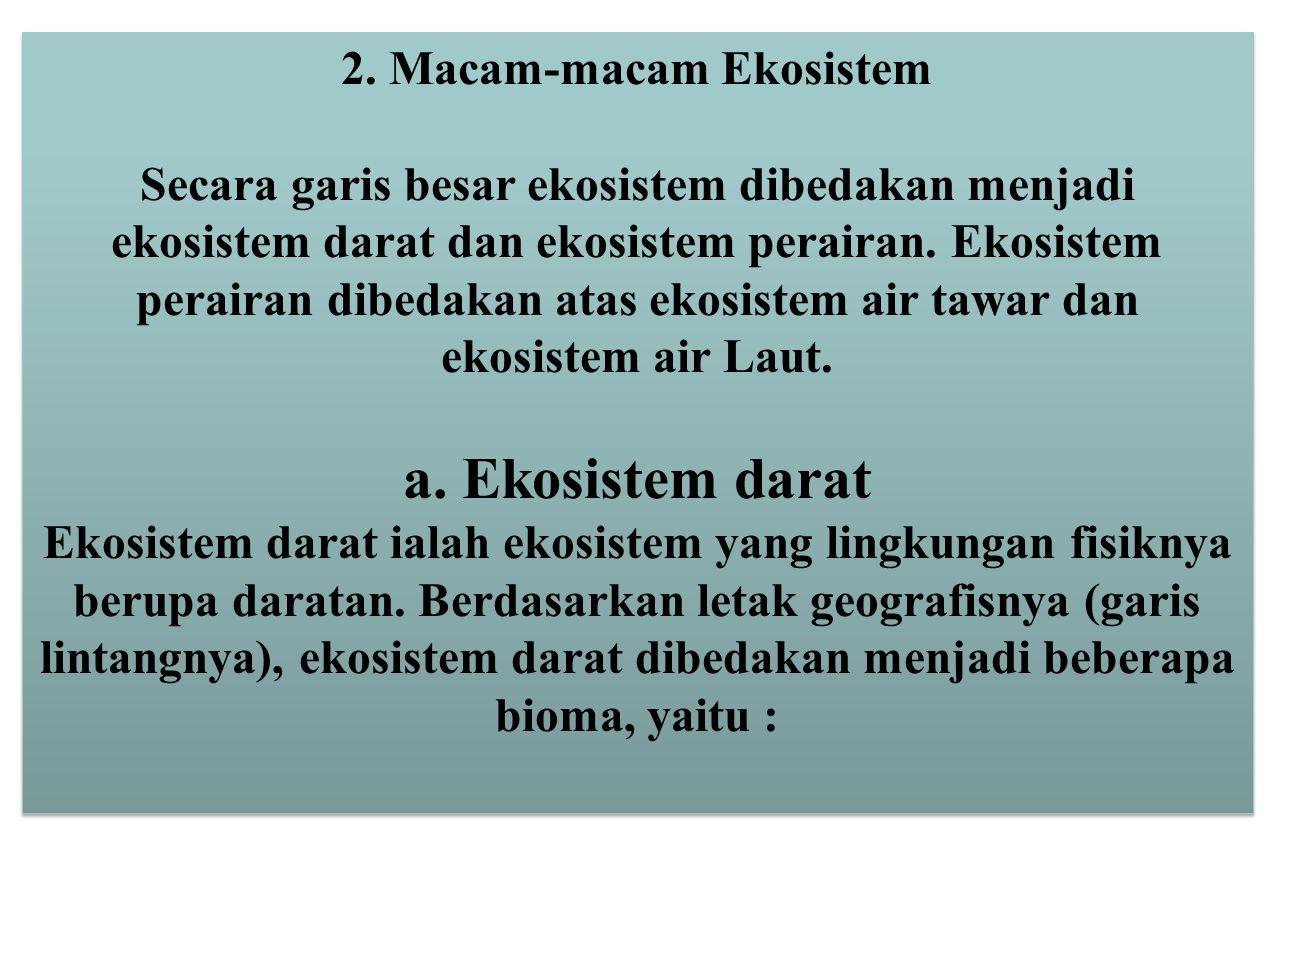 2. Macam-macam Ekosistem Secara garis besar ekosistem dibedakan menjadi ekosistem darat dan ekosistem perairan. Ekosistem perairan dibedakan atas ekos